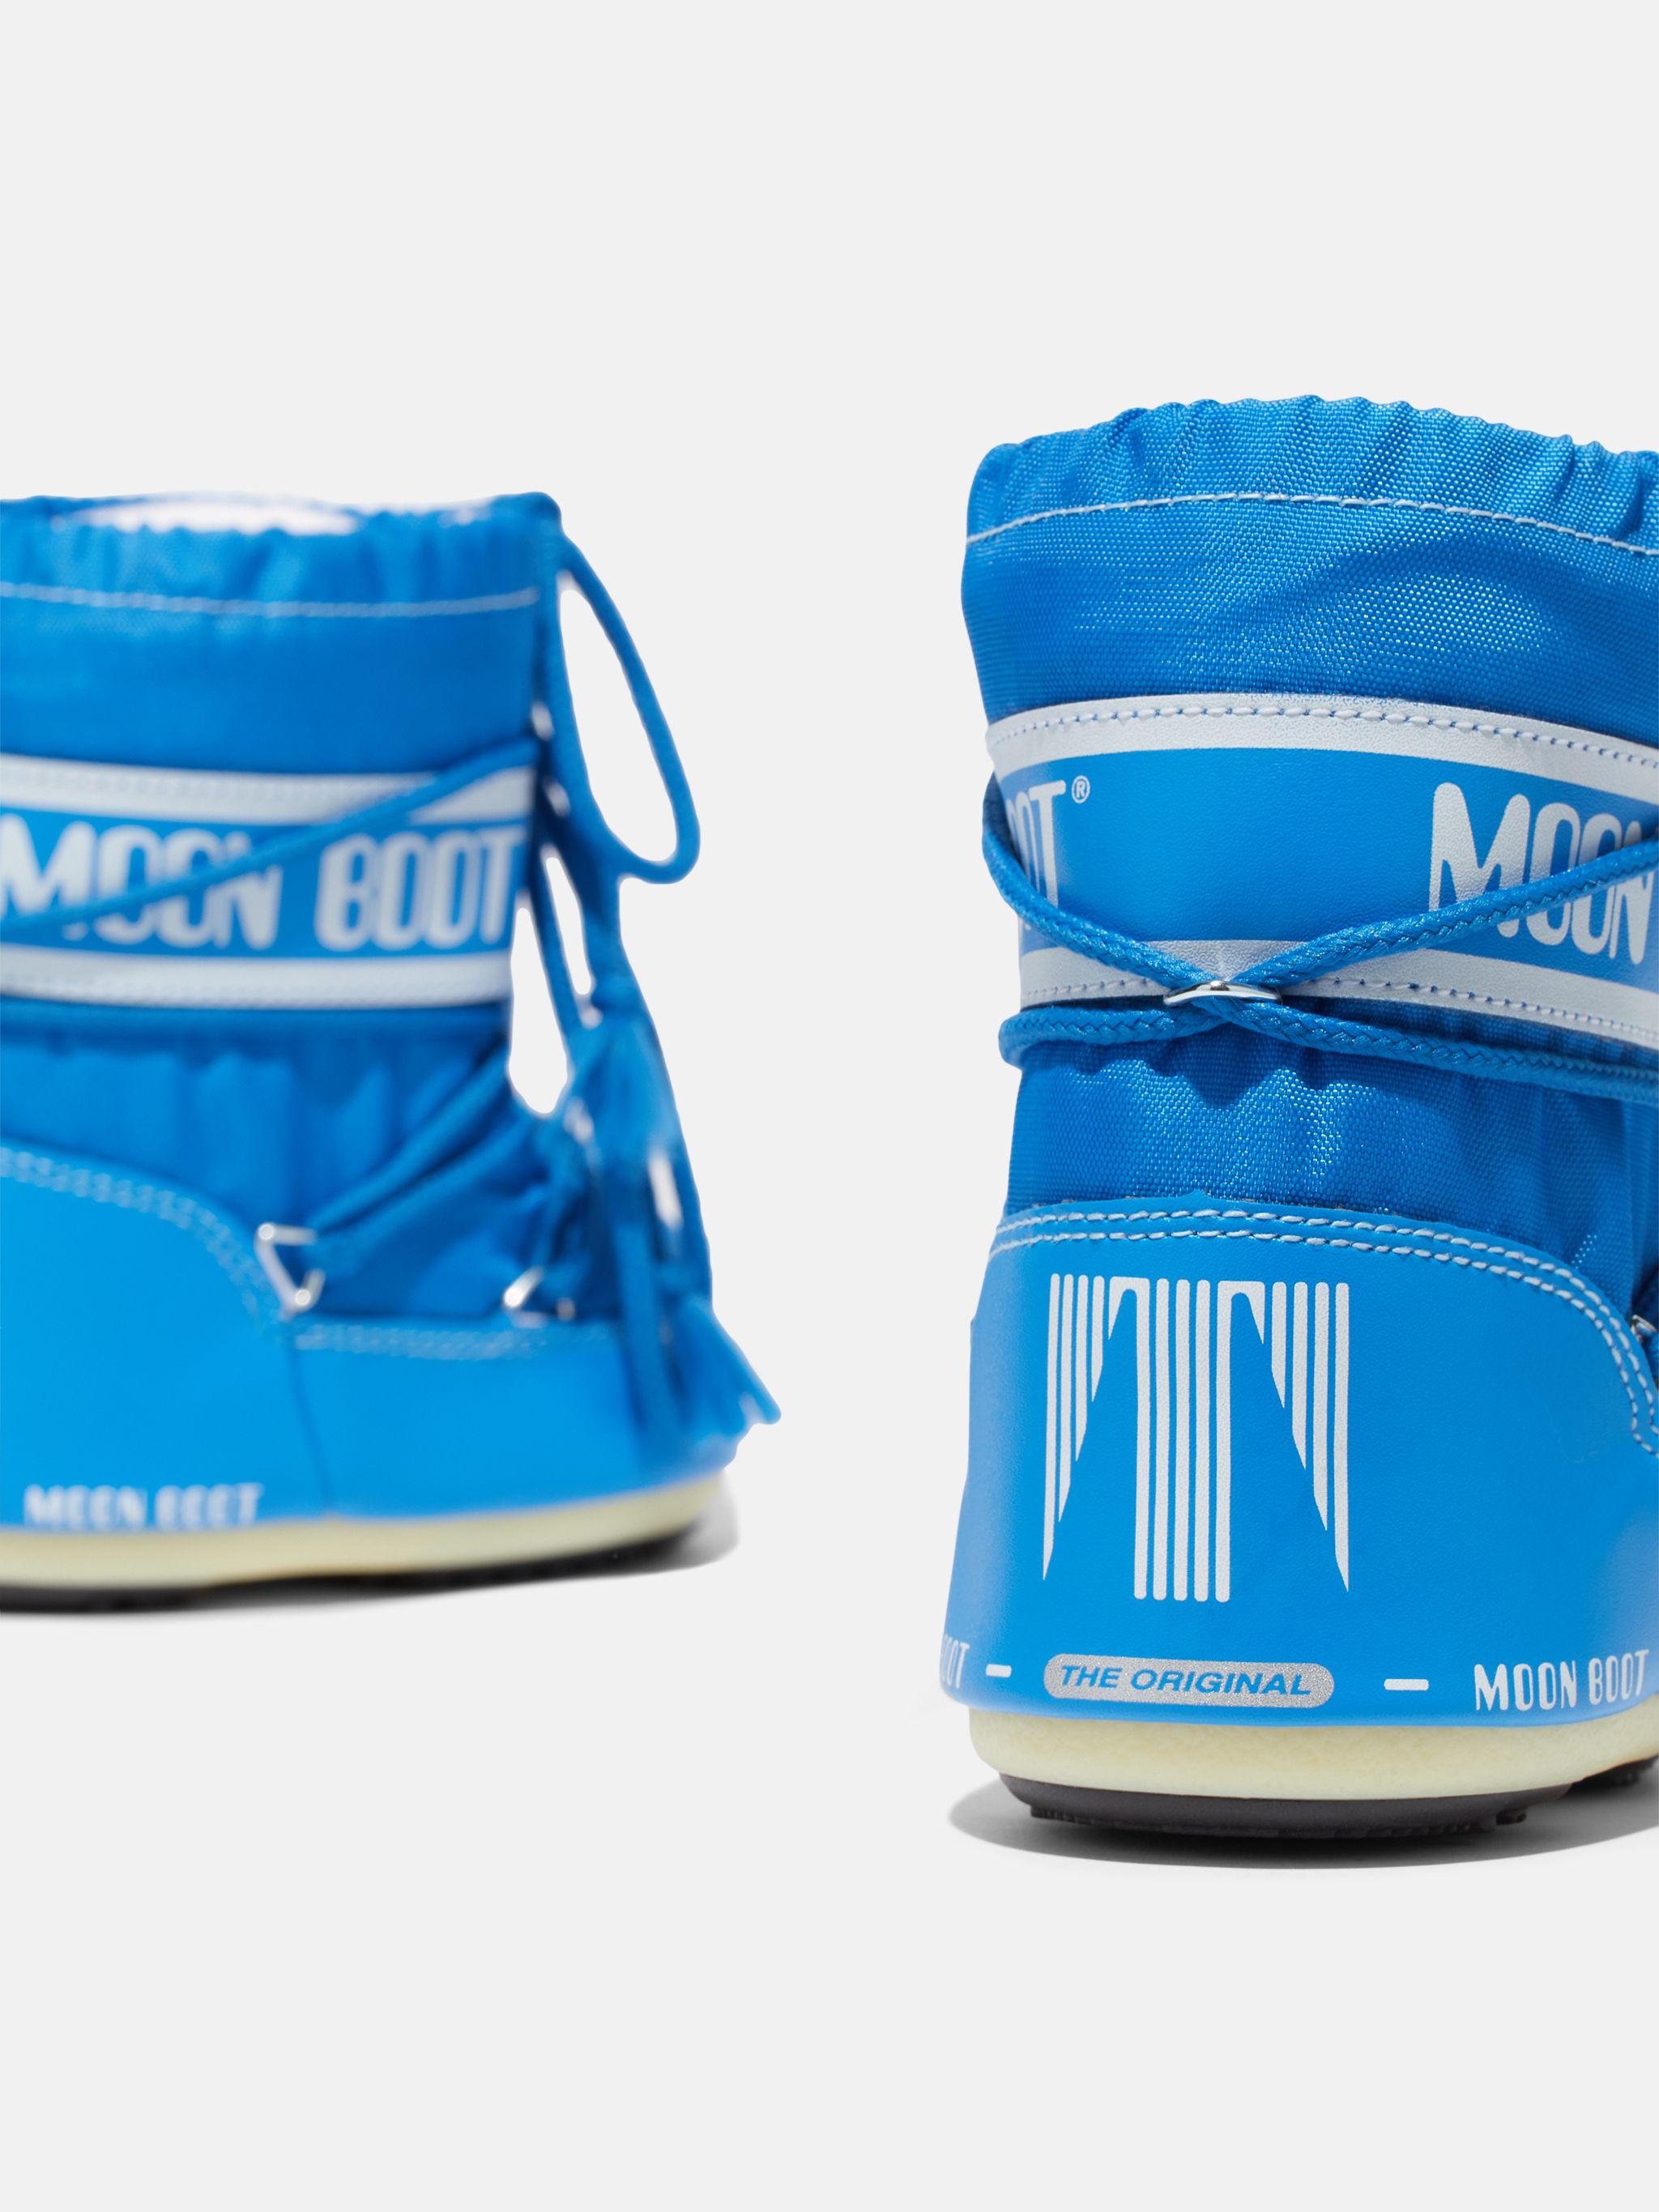 ICON MINI AZURE-BLUE NYLON BOOTS